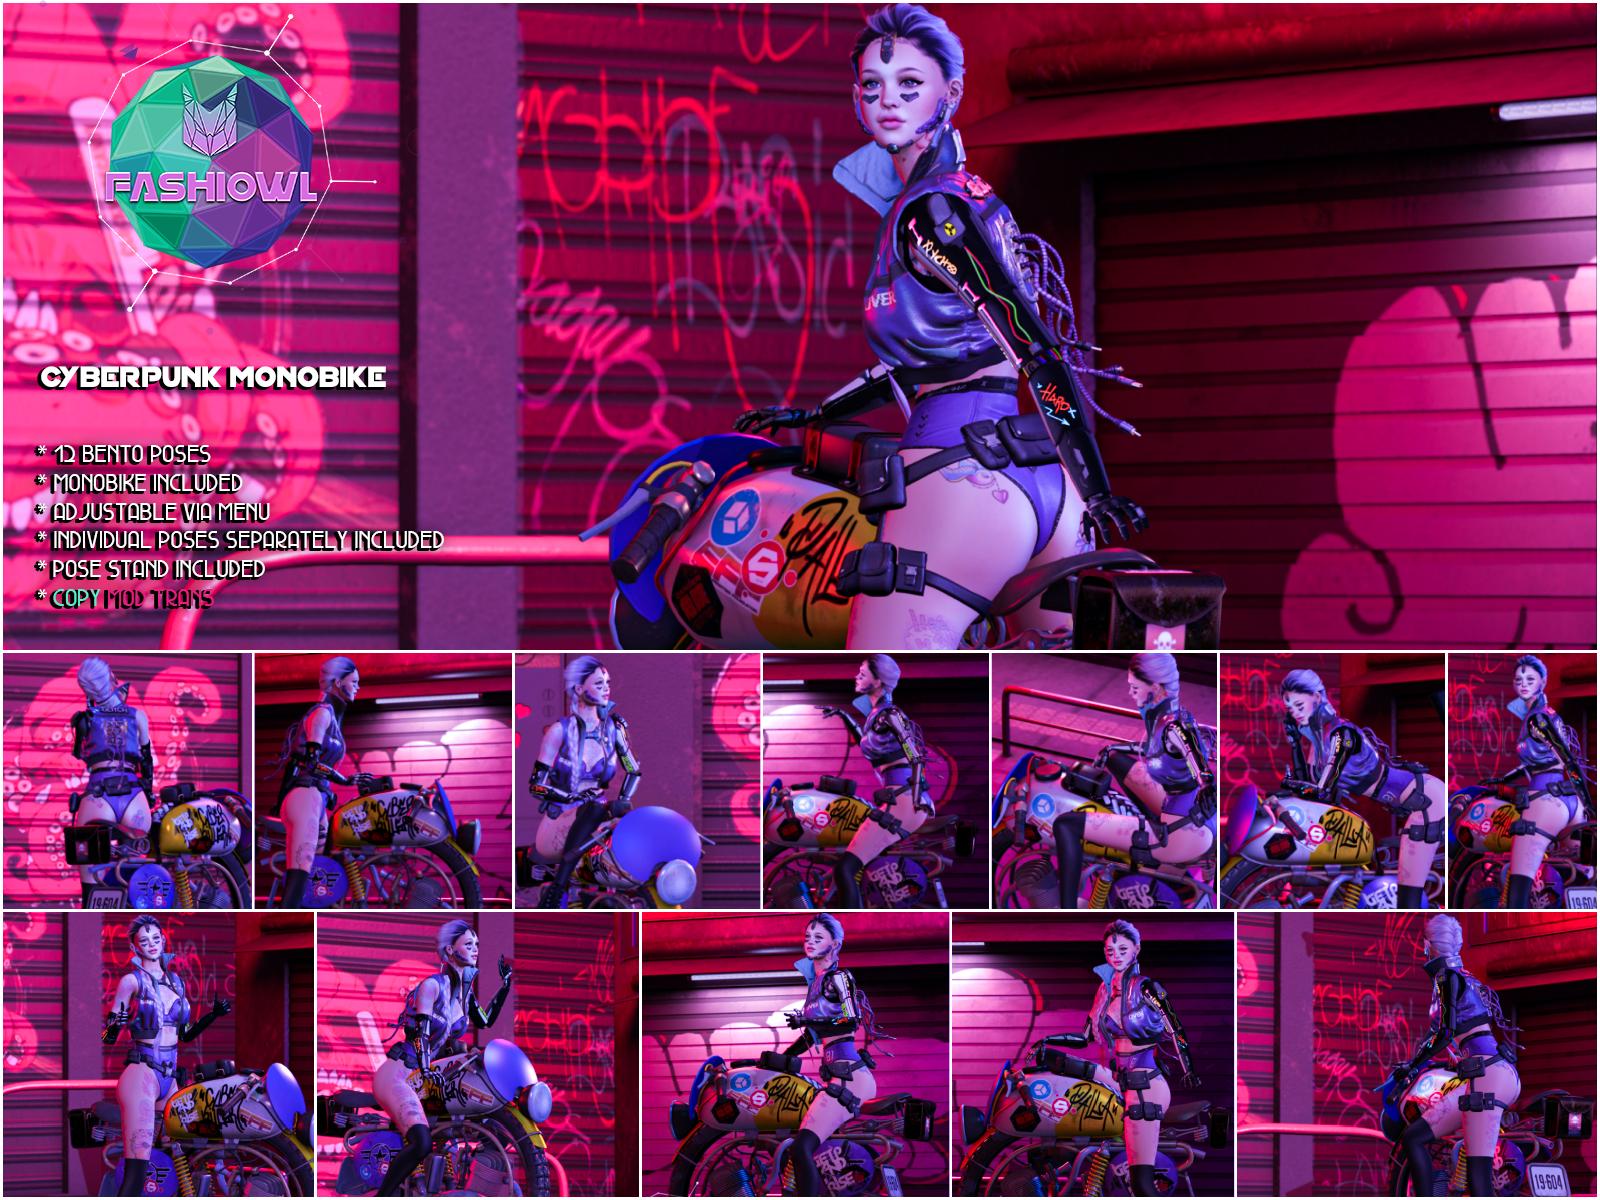 Fashiowl - Cyberpunk Monobike - Ad[3951]